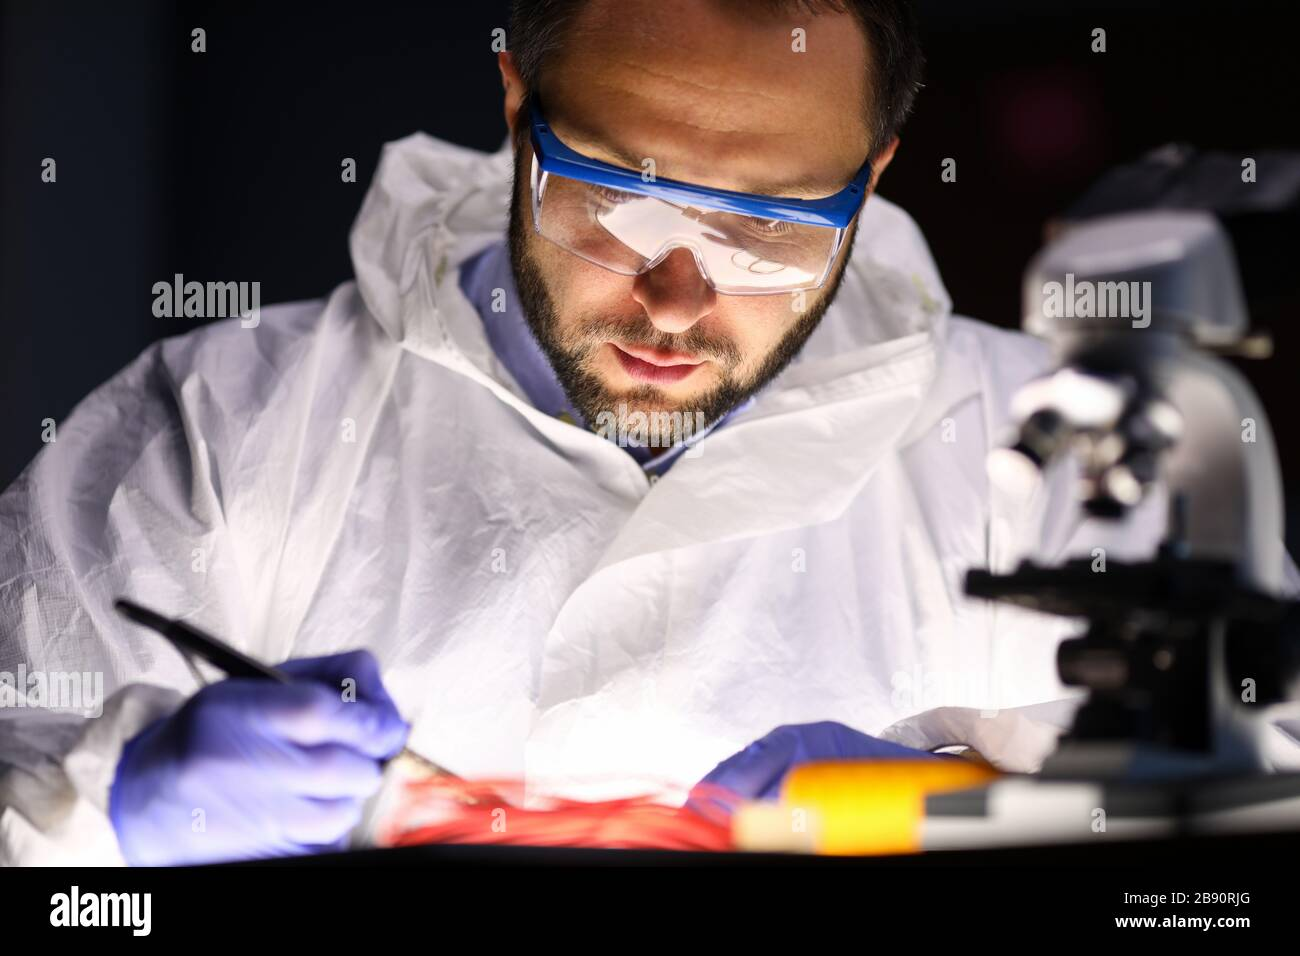 Man laboratory repairs instrument near microscope Stock Photo